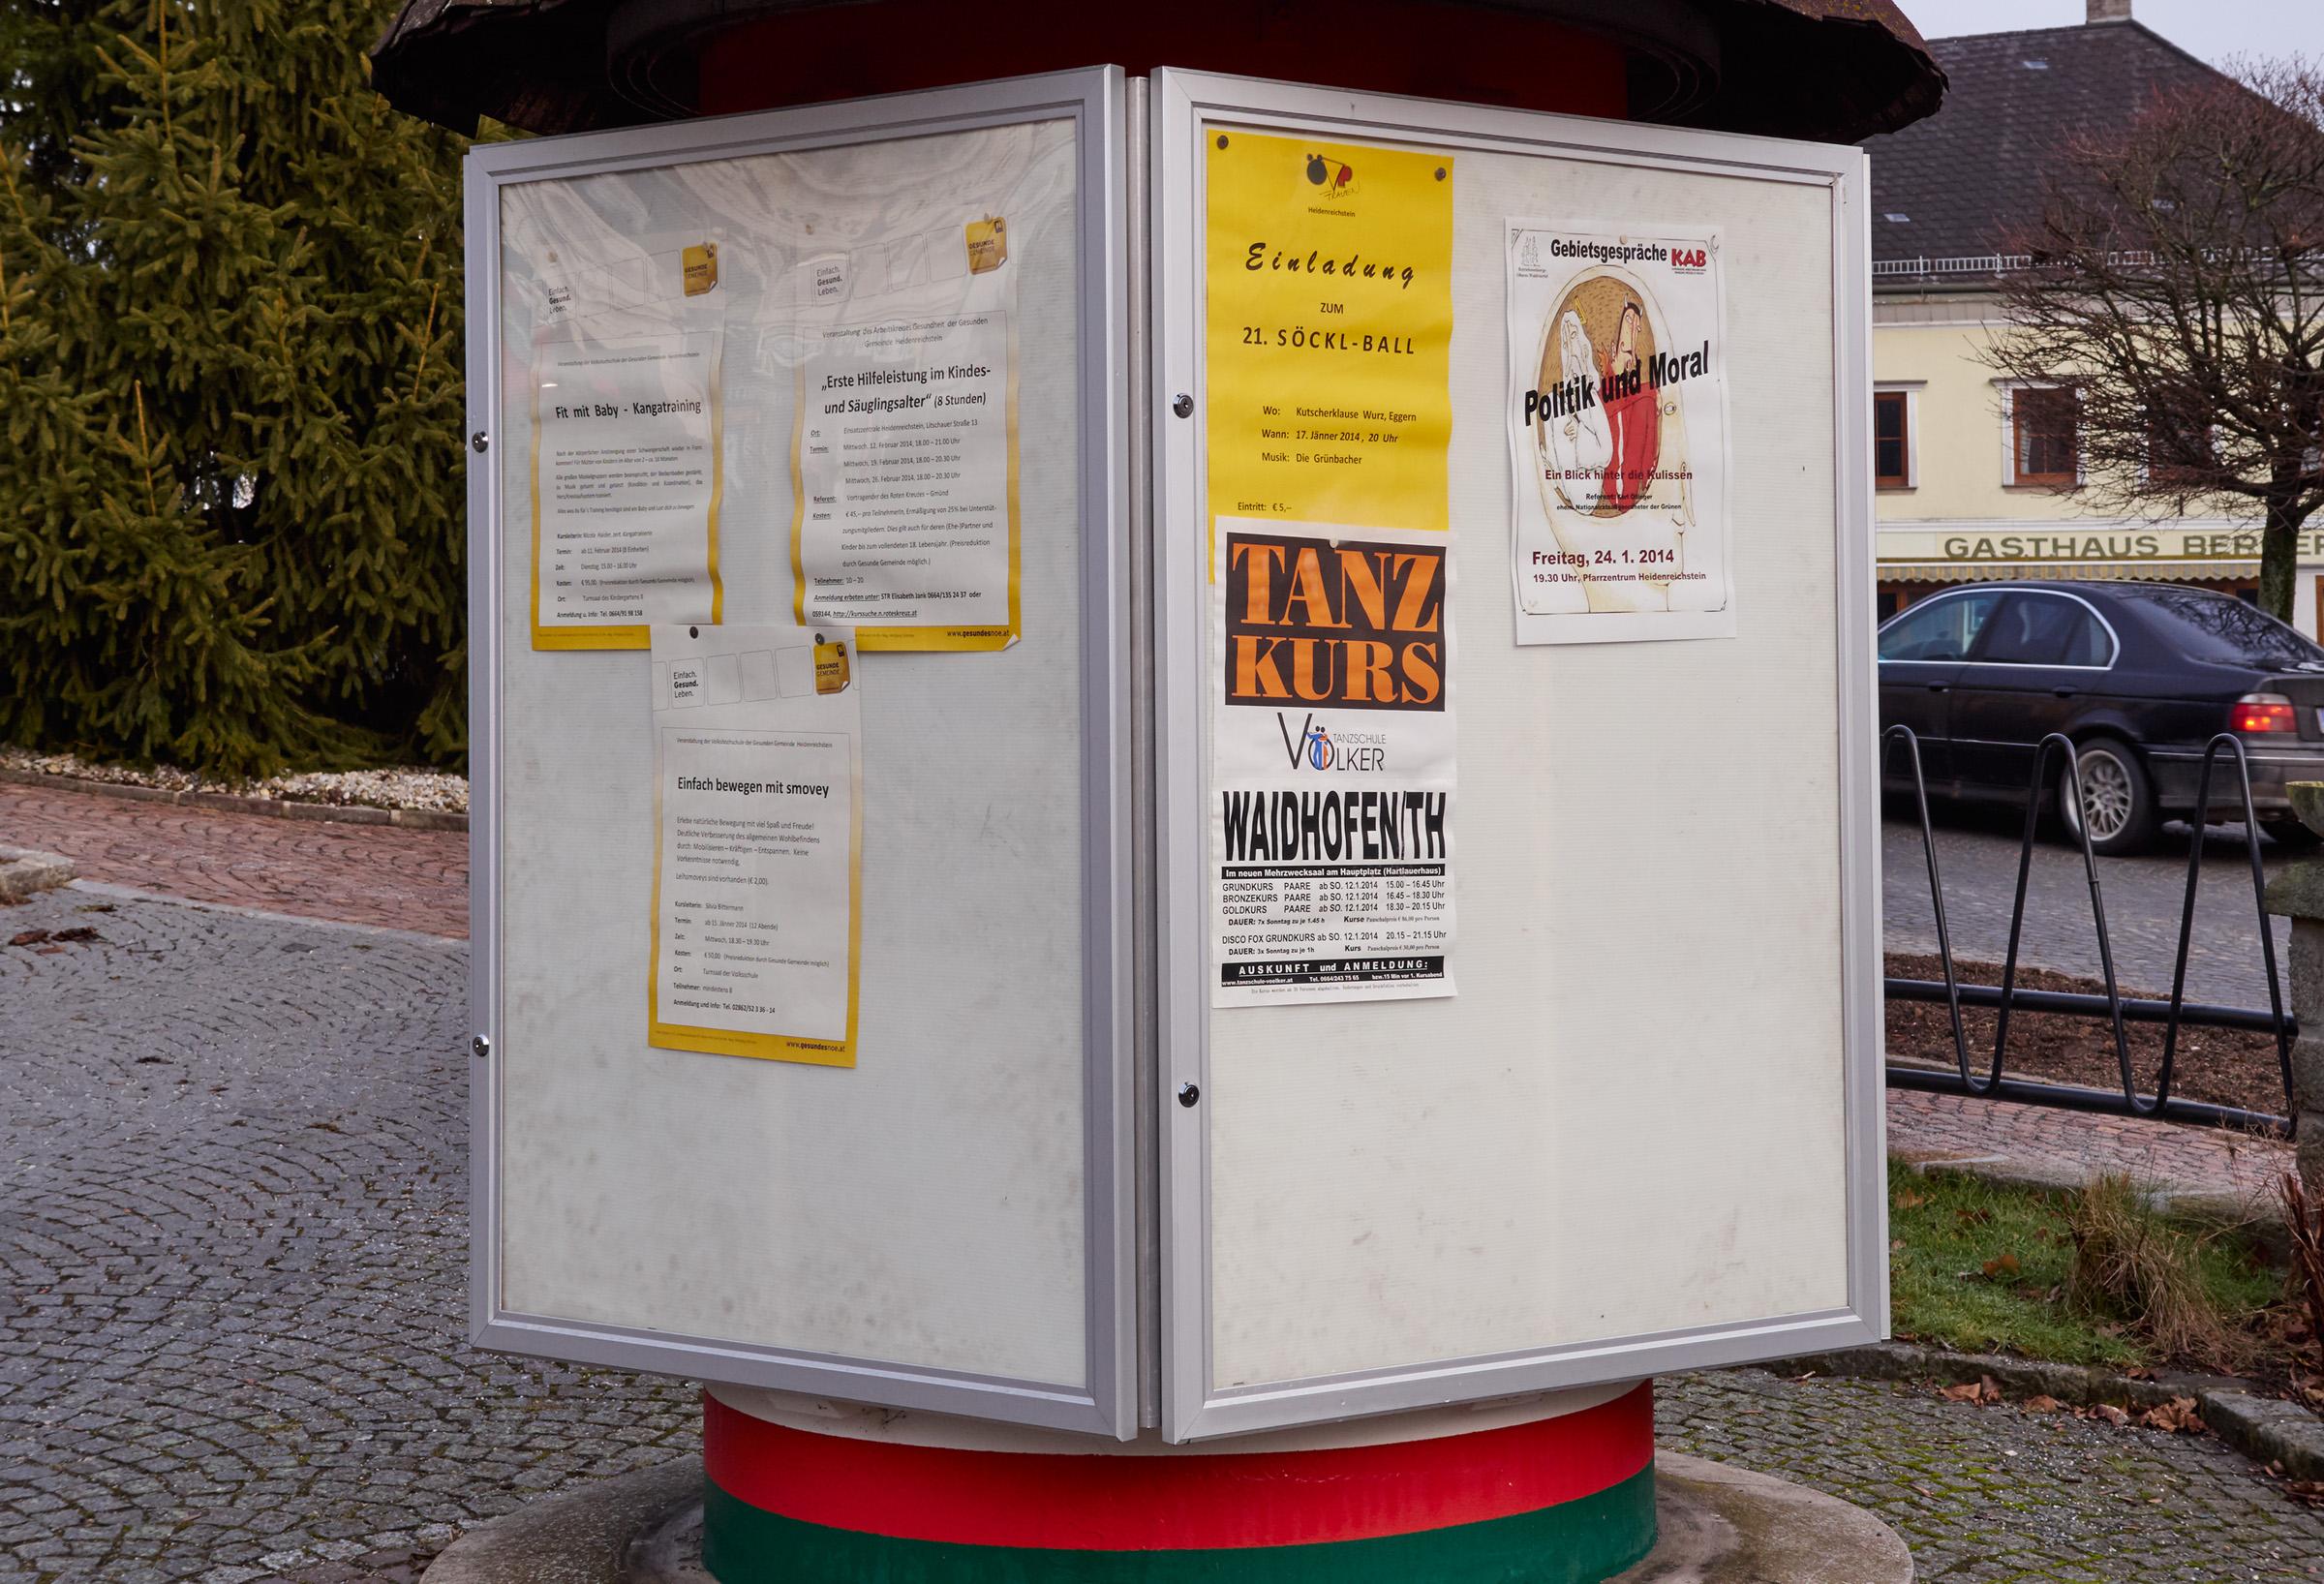 Heidenreichstein nah 2014-01-19.jpg